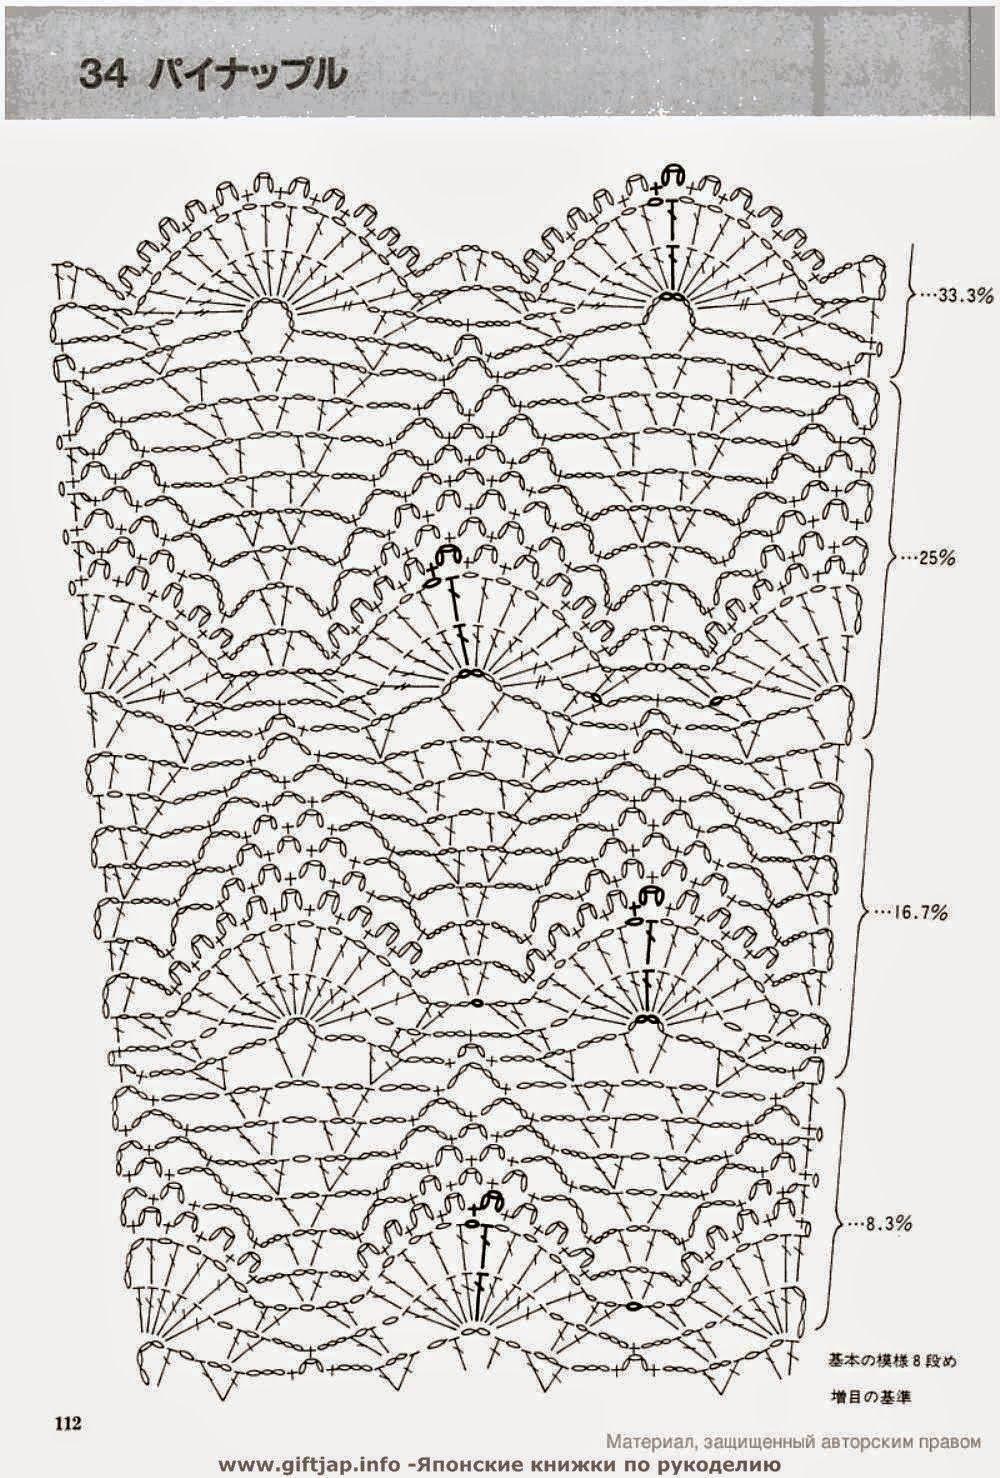 patrones crochet gratis para imprimir - Google Search | Ropa a ...